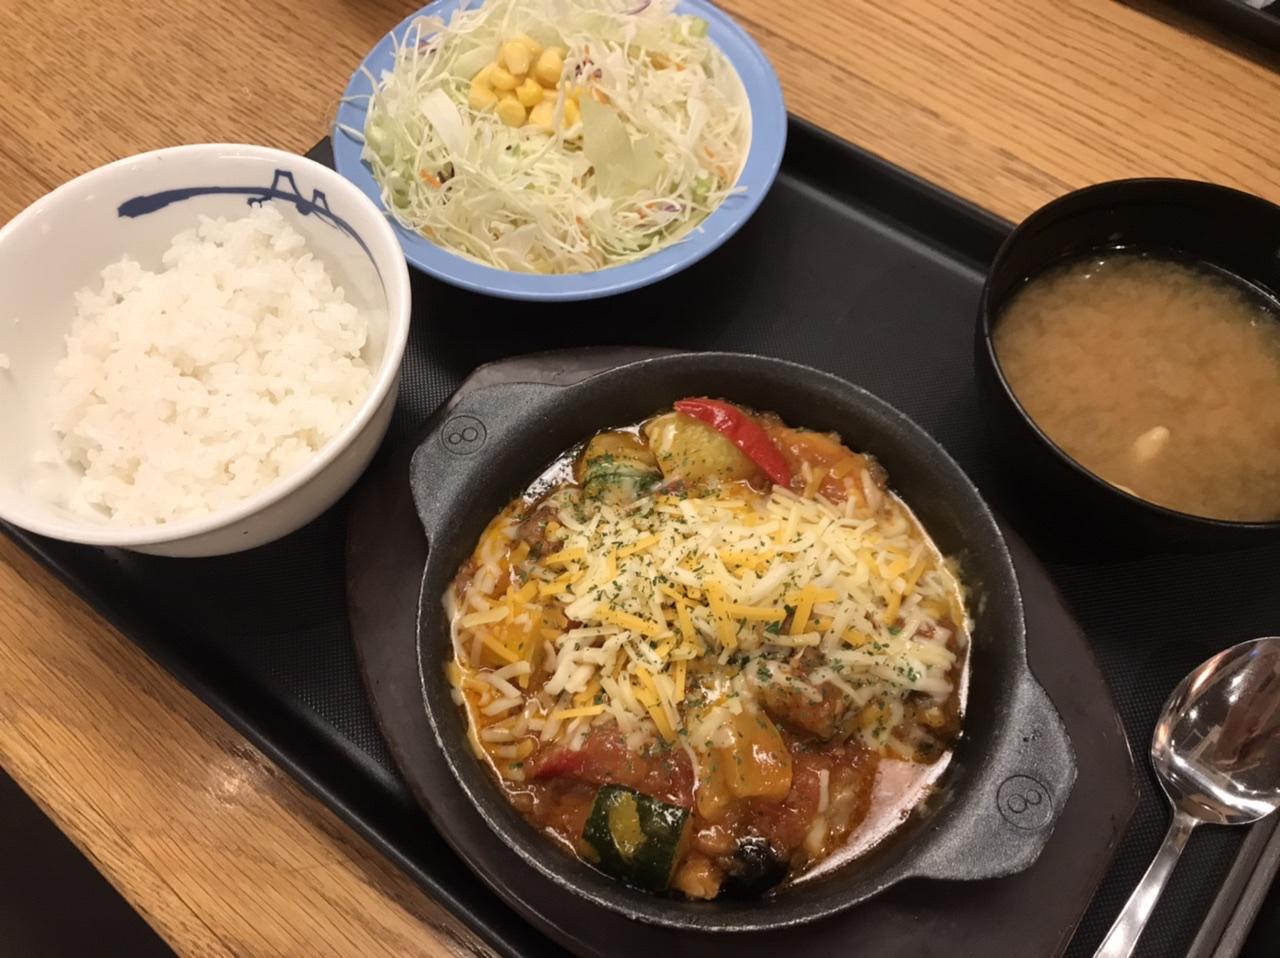 『松屋』の「カチャトーラ定食」が食べごたえ満点でおいしい! たっぷり野菜で女子にもおすすめ!!_6